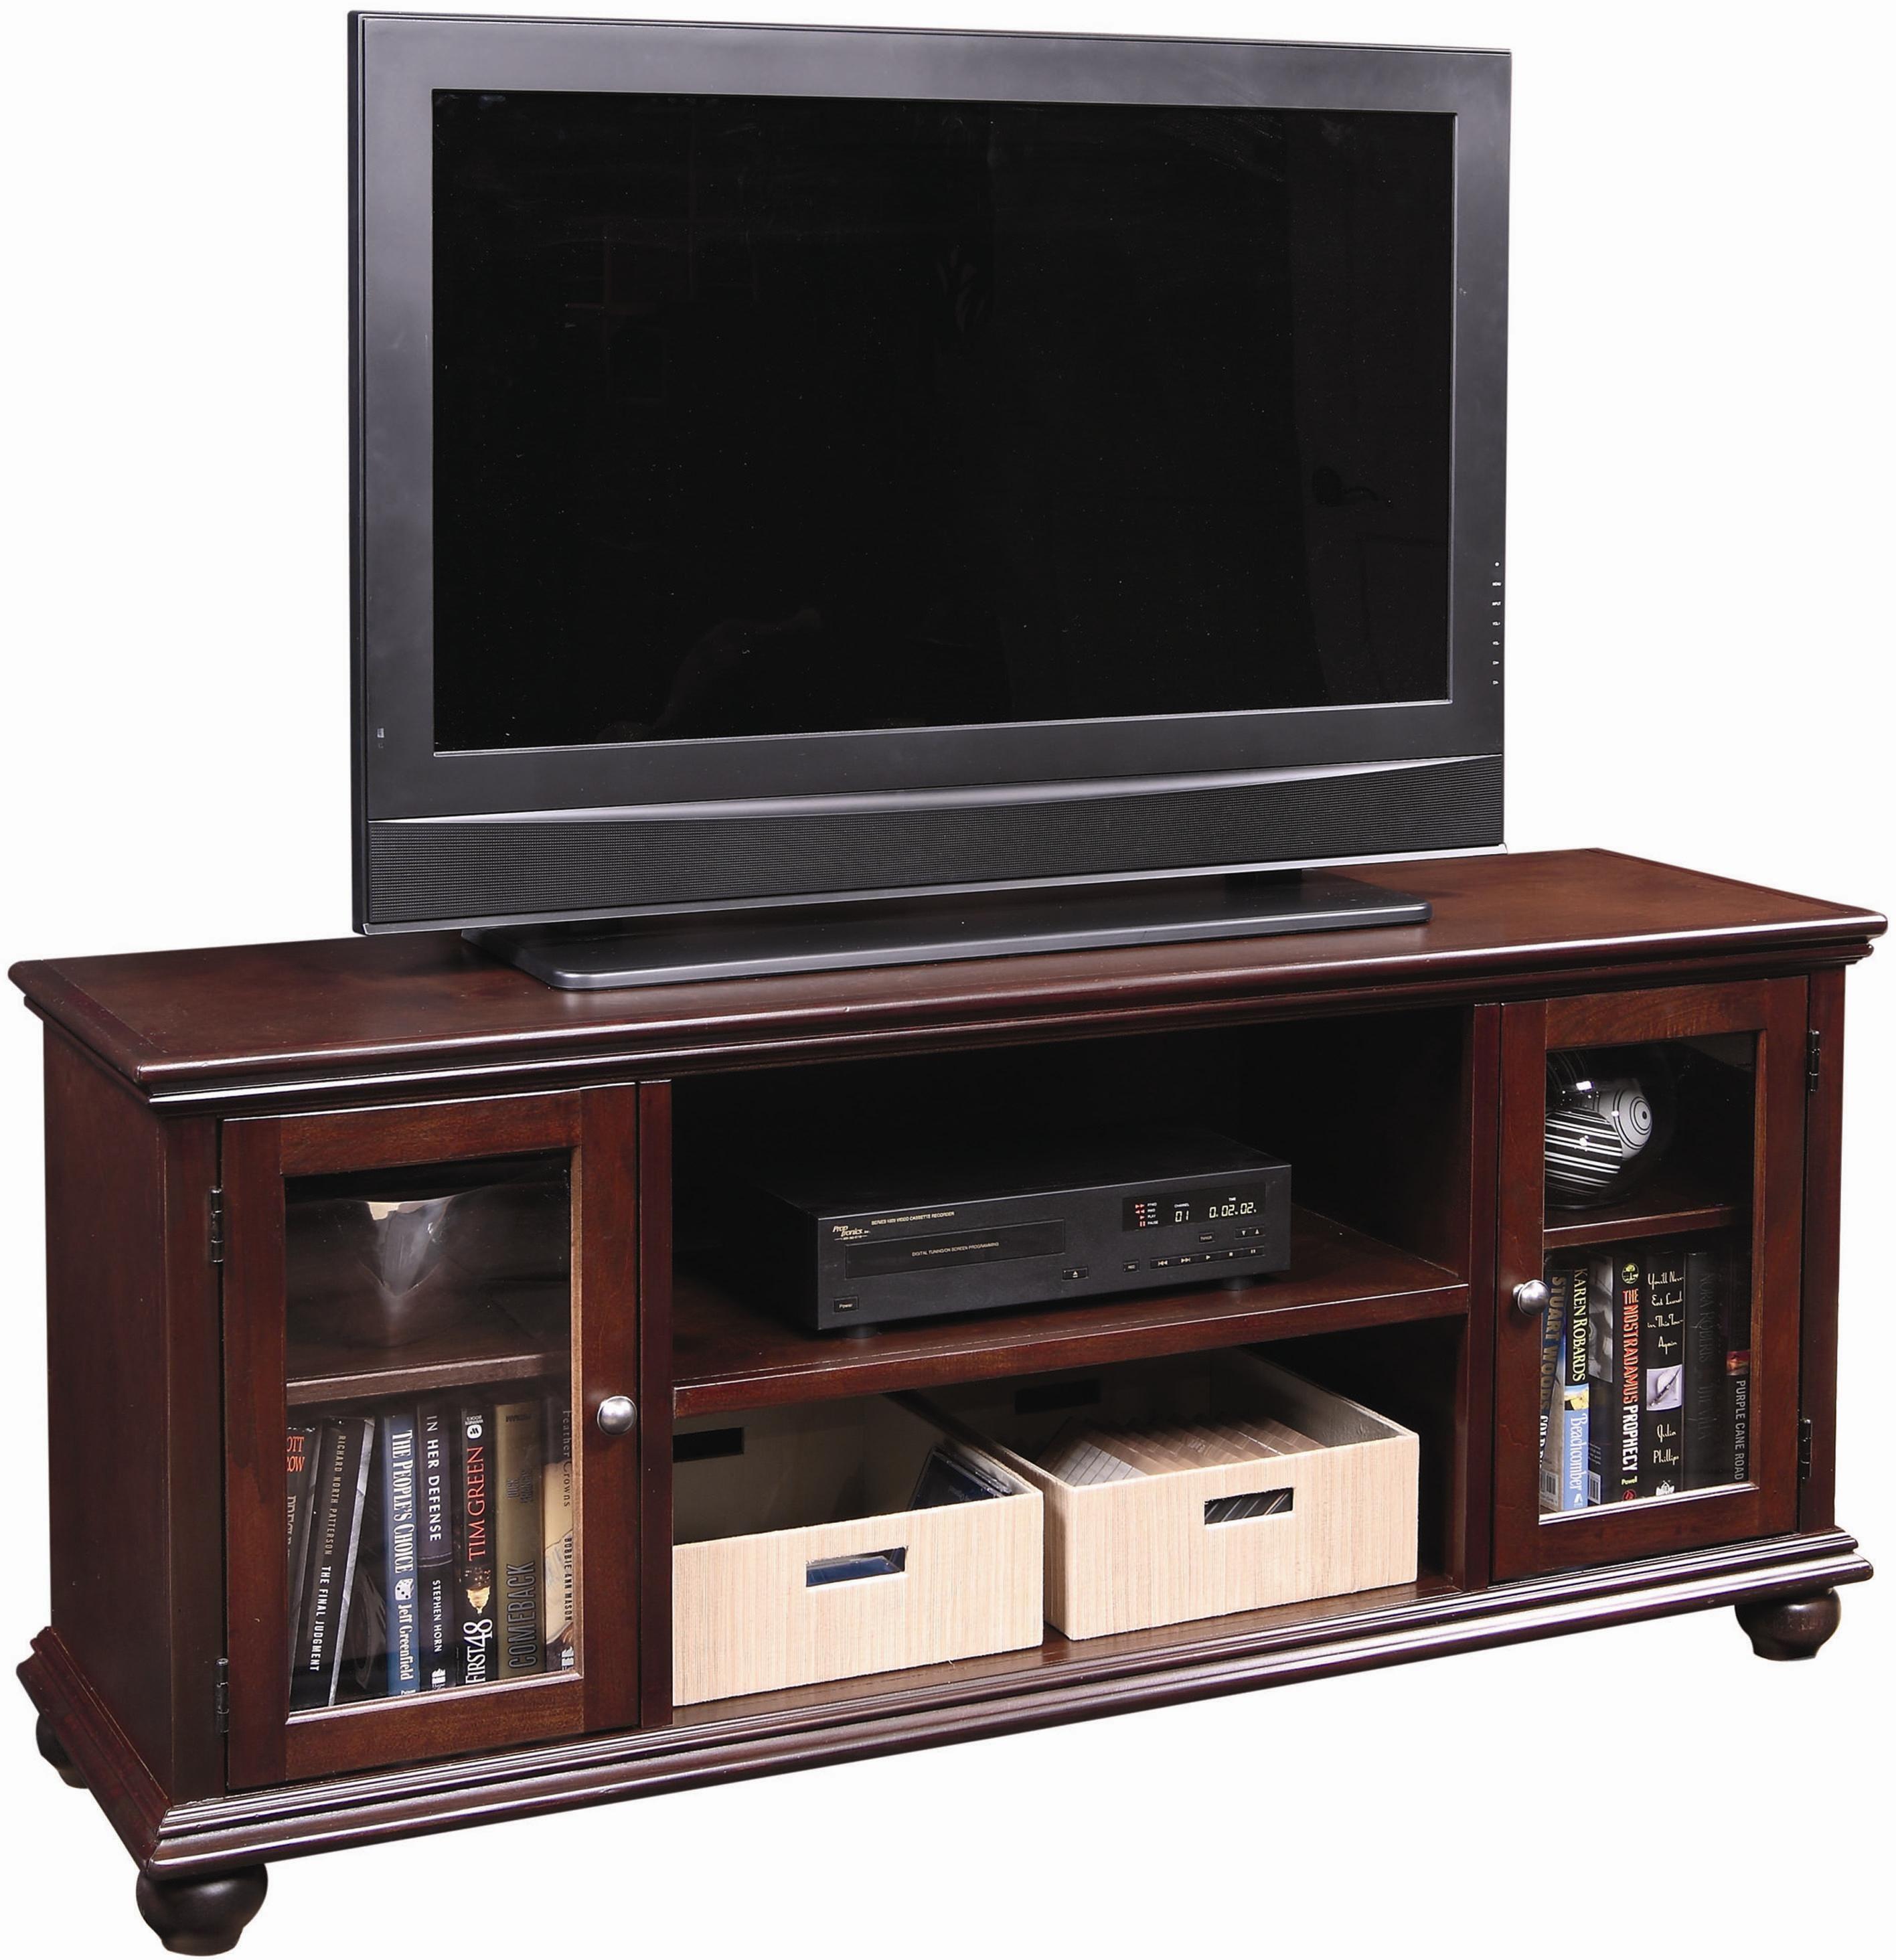 Aspenhome casual traditional inch television console colderus